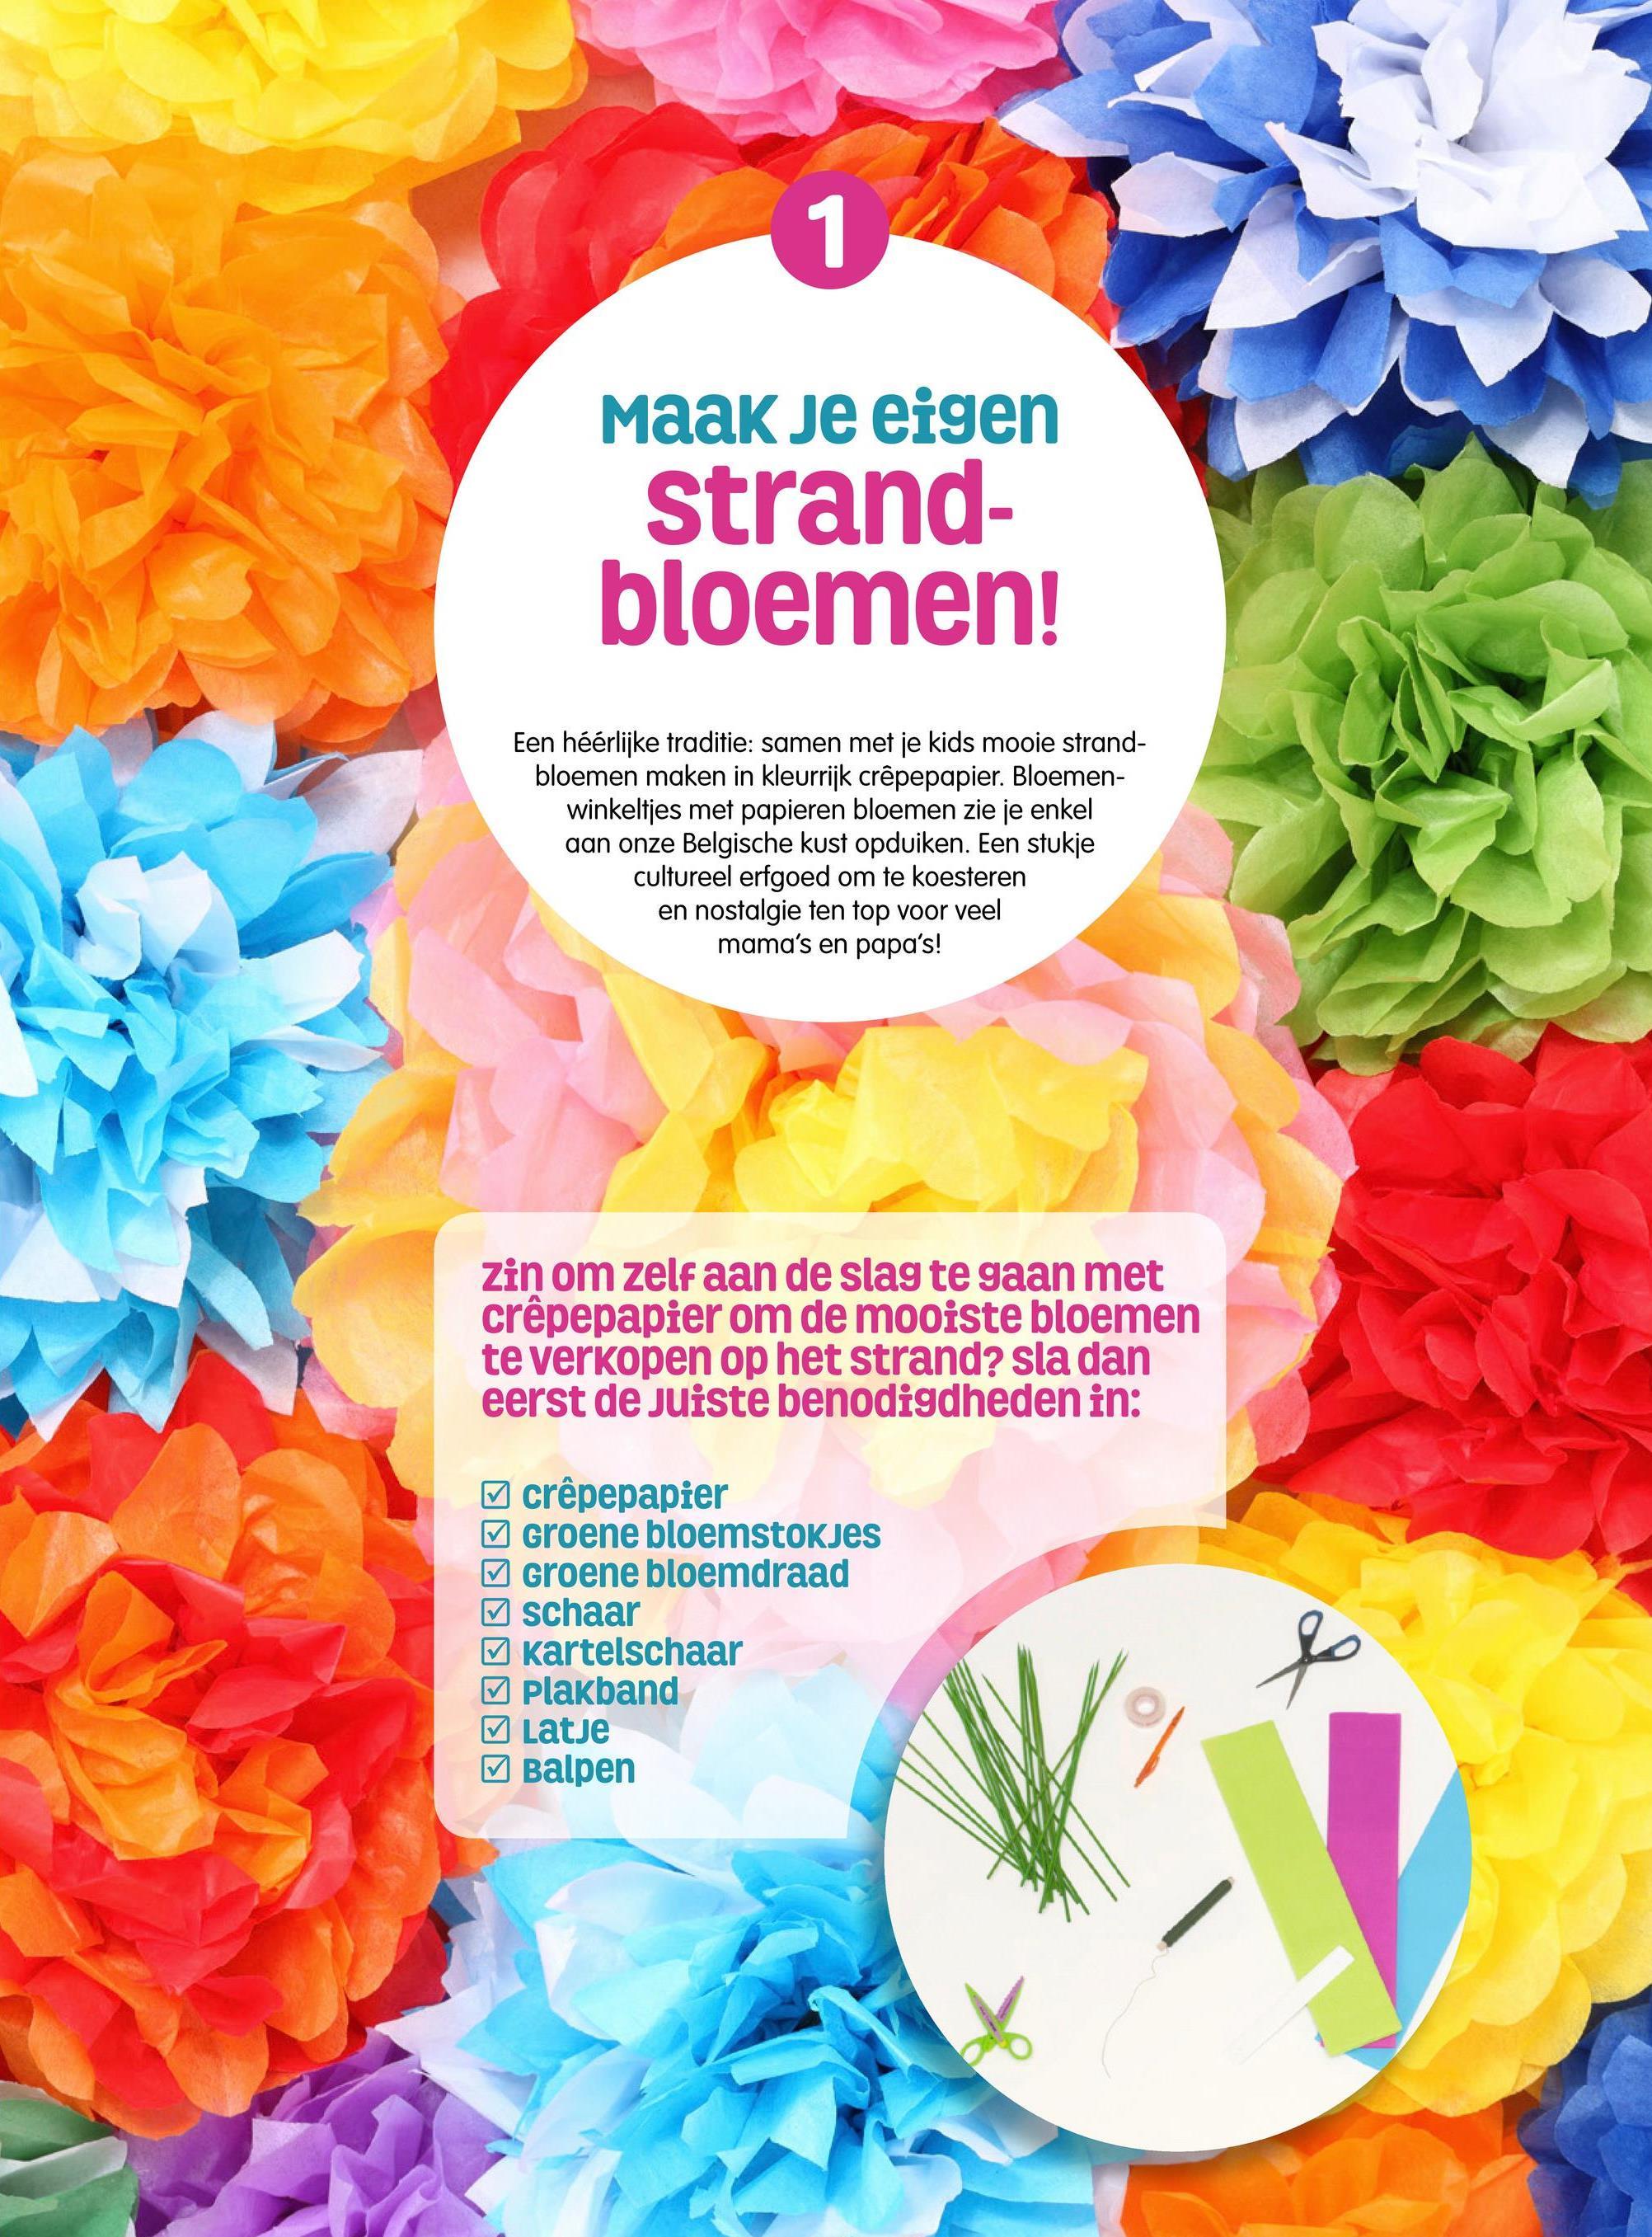 Maak je eigen strand- bloemen! Een héérlijke traditie: samen met je kids mooie strand- bloemen maken in kleurrijk crêpepapier. Bloemen- winkeltjes met papieren bloemen zie je enkel aan onze Belgische kust opduiken. Een stukje cultureel erfgoed om te koesteren en nostalgie ten top voor veel mama's en papa's! Zin om zelf aan de slag te gaan met crêpepapier om de mooiste bloemen te verkopen op het strand? sla dan eerst de juiste benodigdheden in: y crêpepapier Groene bloemstokjes Groene bloemdraad y schaar Kartelschaar 7 plakband 7 Latje Balpen